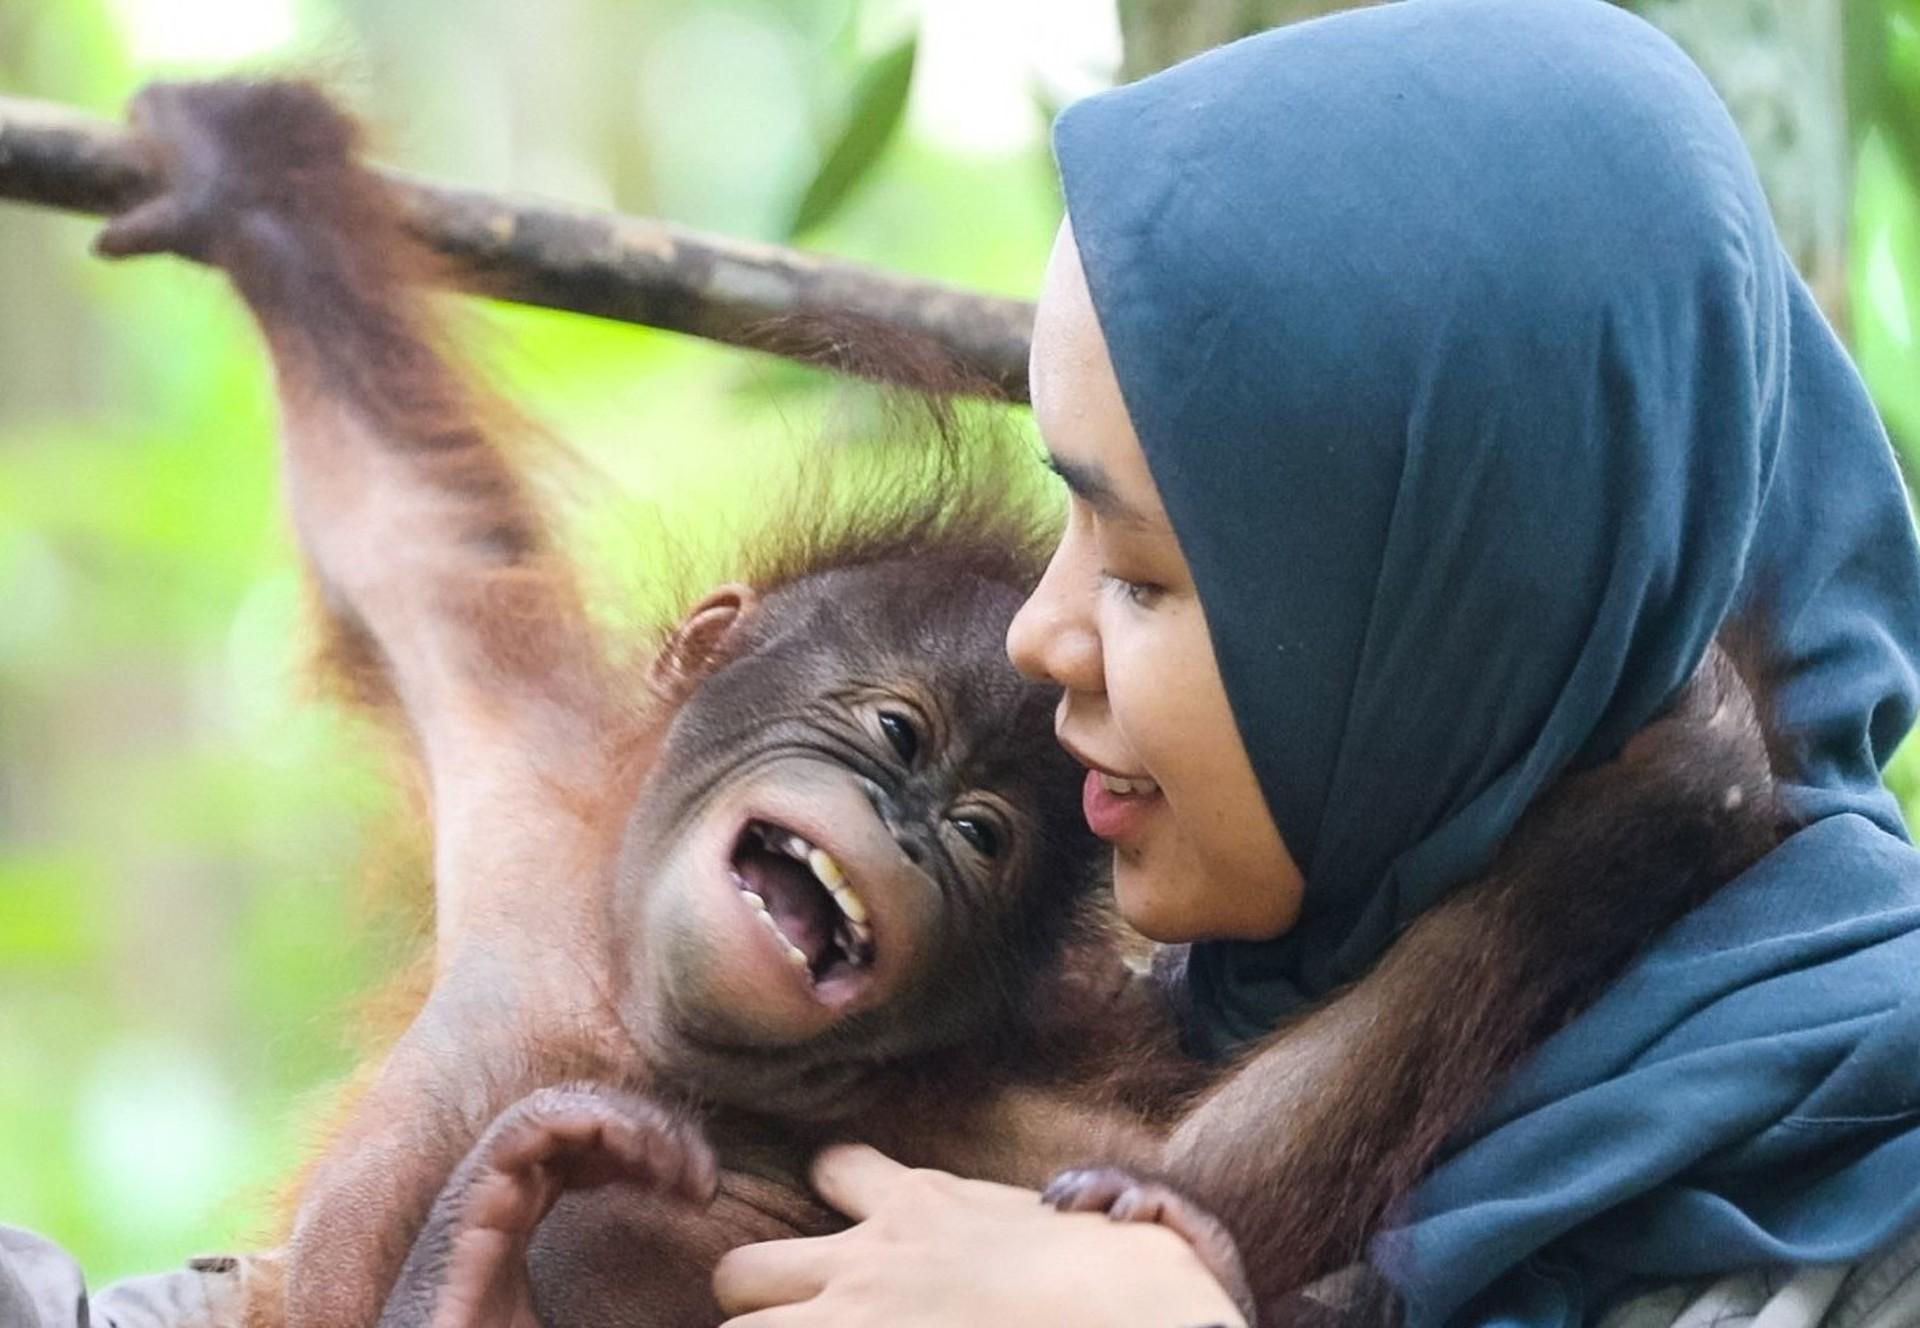 Aidez les orangs-outans à travers un parrainage